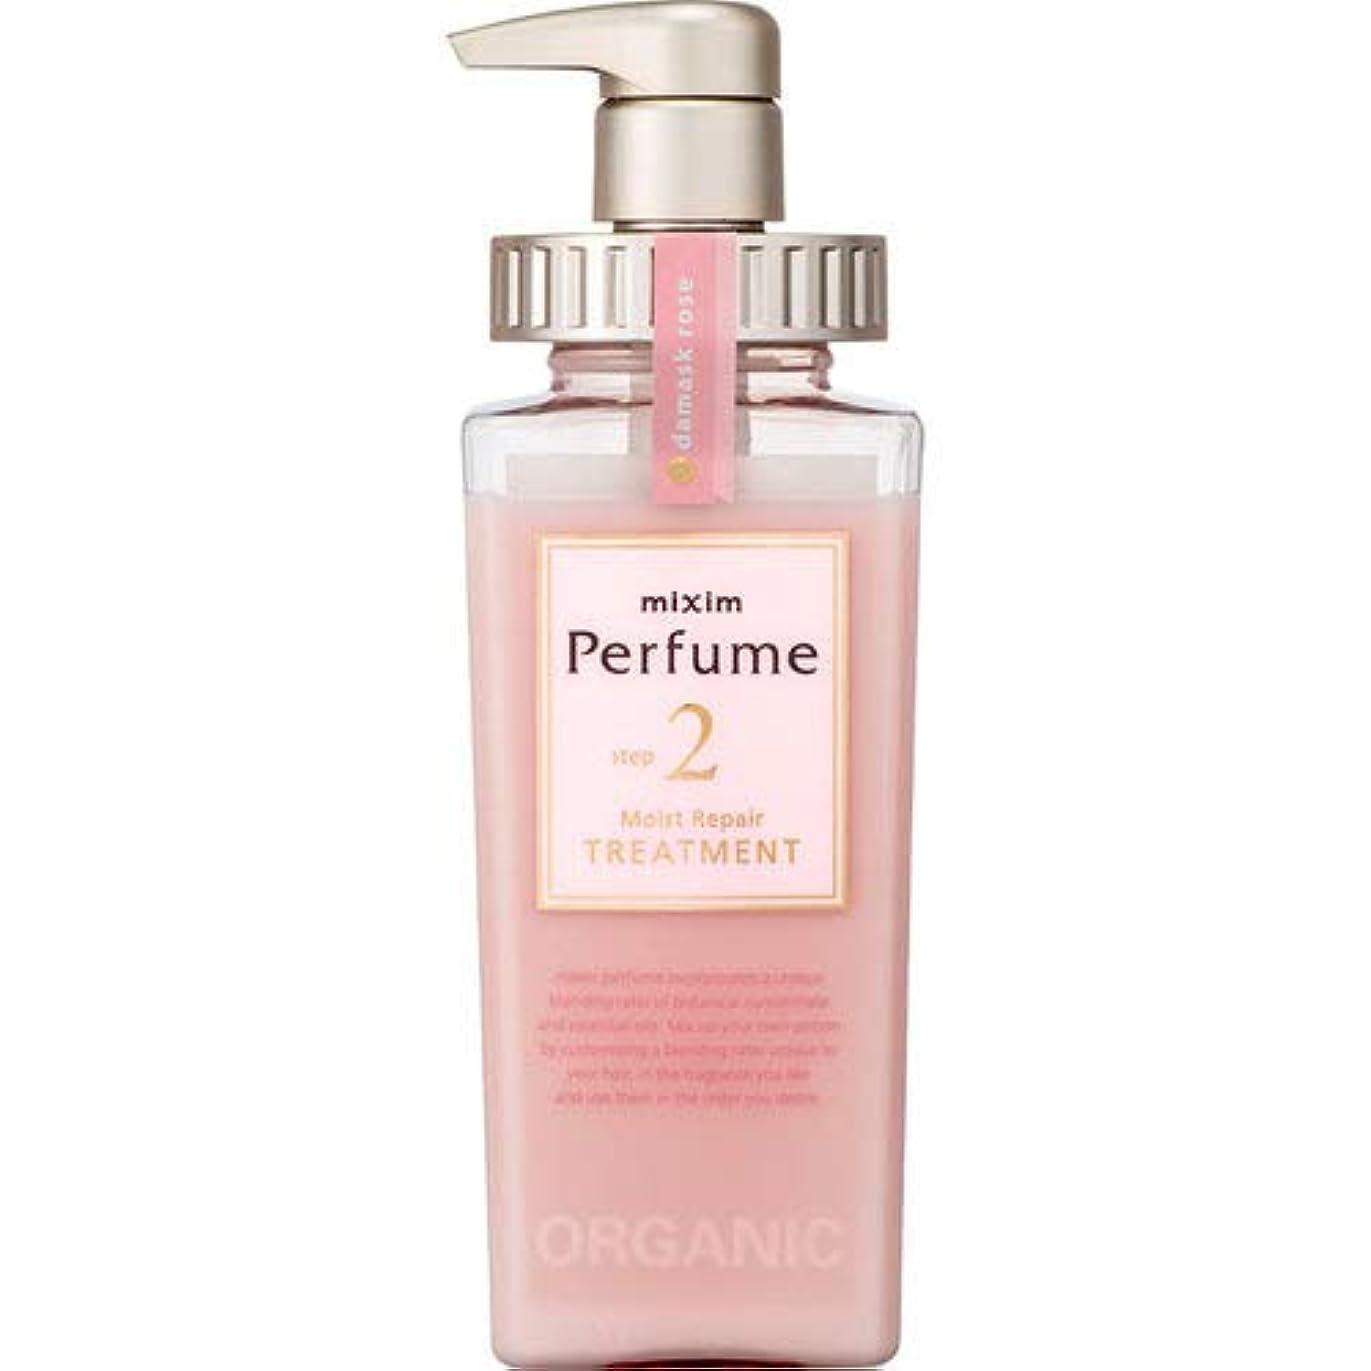 マーベル練習した嫌がらせmixim Perfume(ミクシムパフューム) モイストリペア ヘアトリートメント 440g